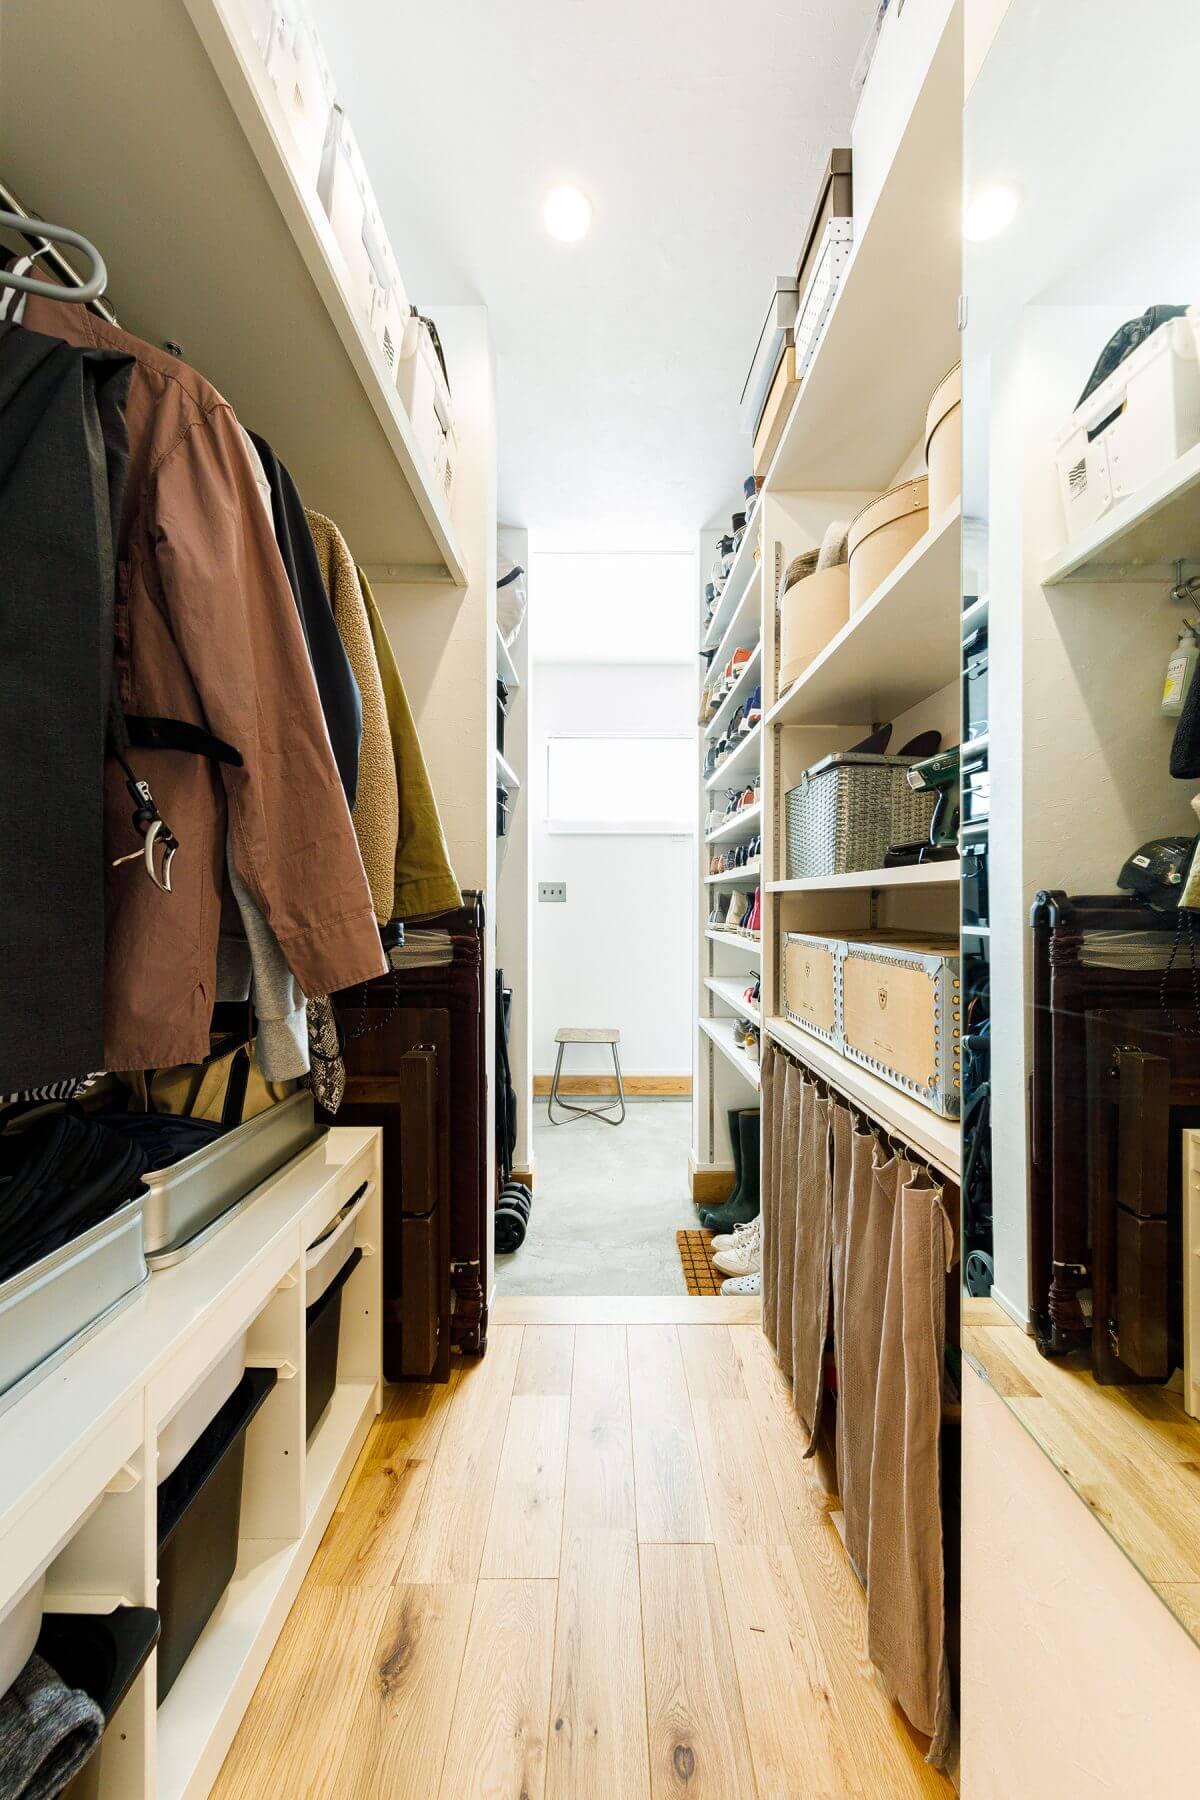 土間玄関とも繋がっているマルチ収納スペース。玄関側はシューズクロークで、リビング側はコートや季節ものを収納する場所として活用されています。